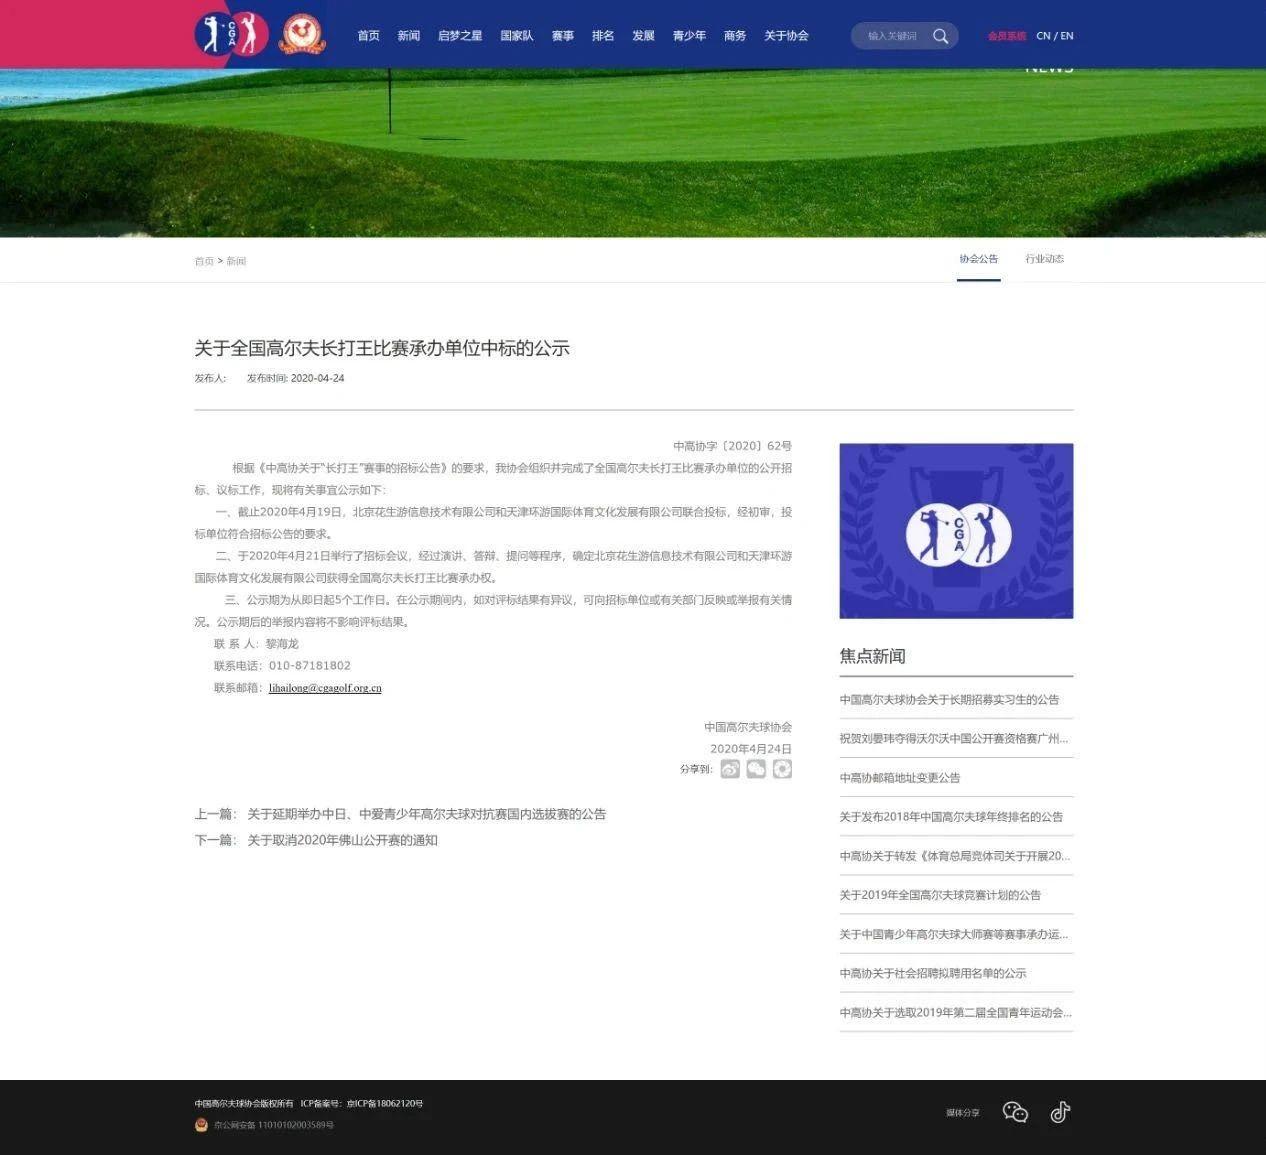 4月24日,中国高尔夫球协会官方宣布花生游获得世界长打王中国冠军赛承办资格.jpg